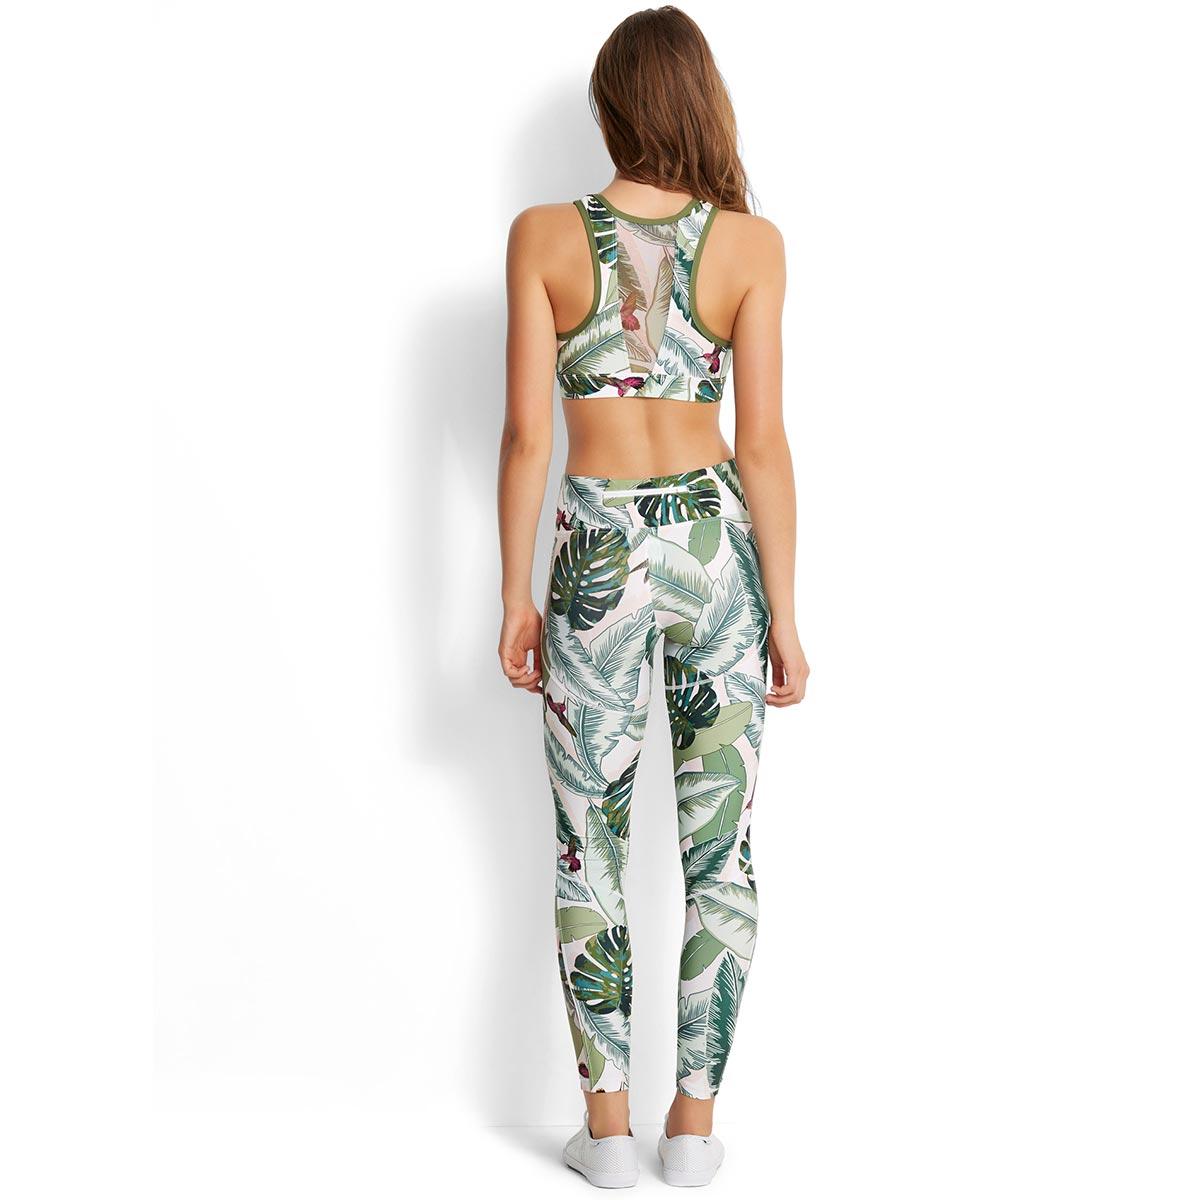 de de Accesorio rosa verano estampada leggings deportivos palma ygfYb76